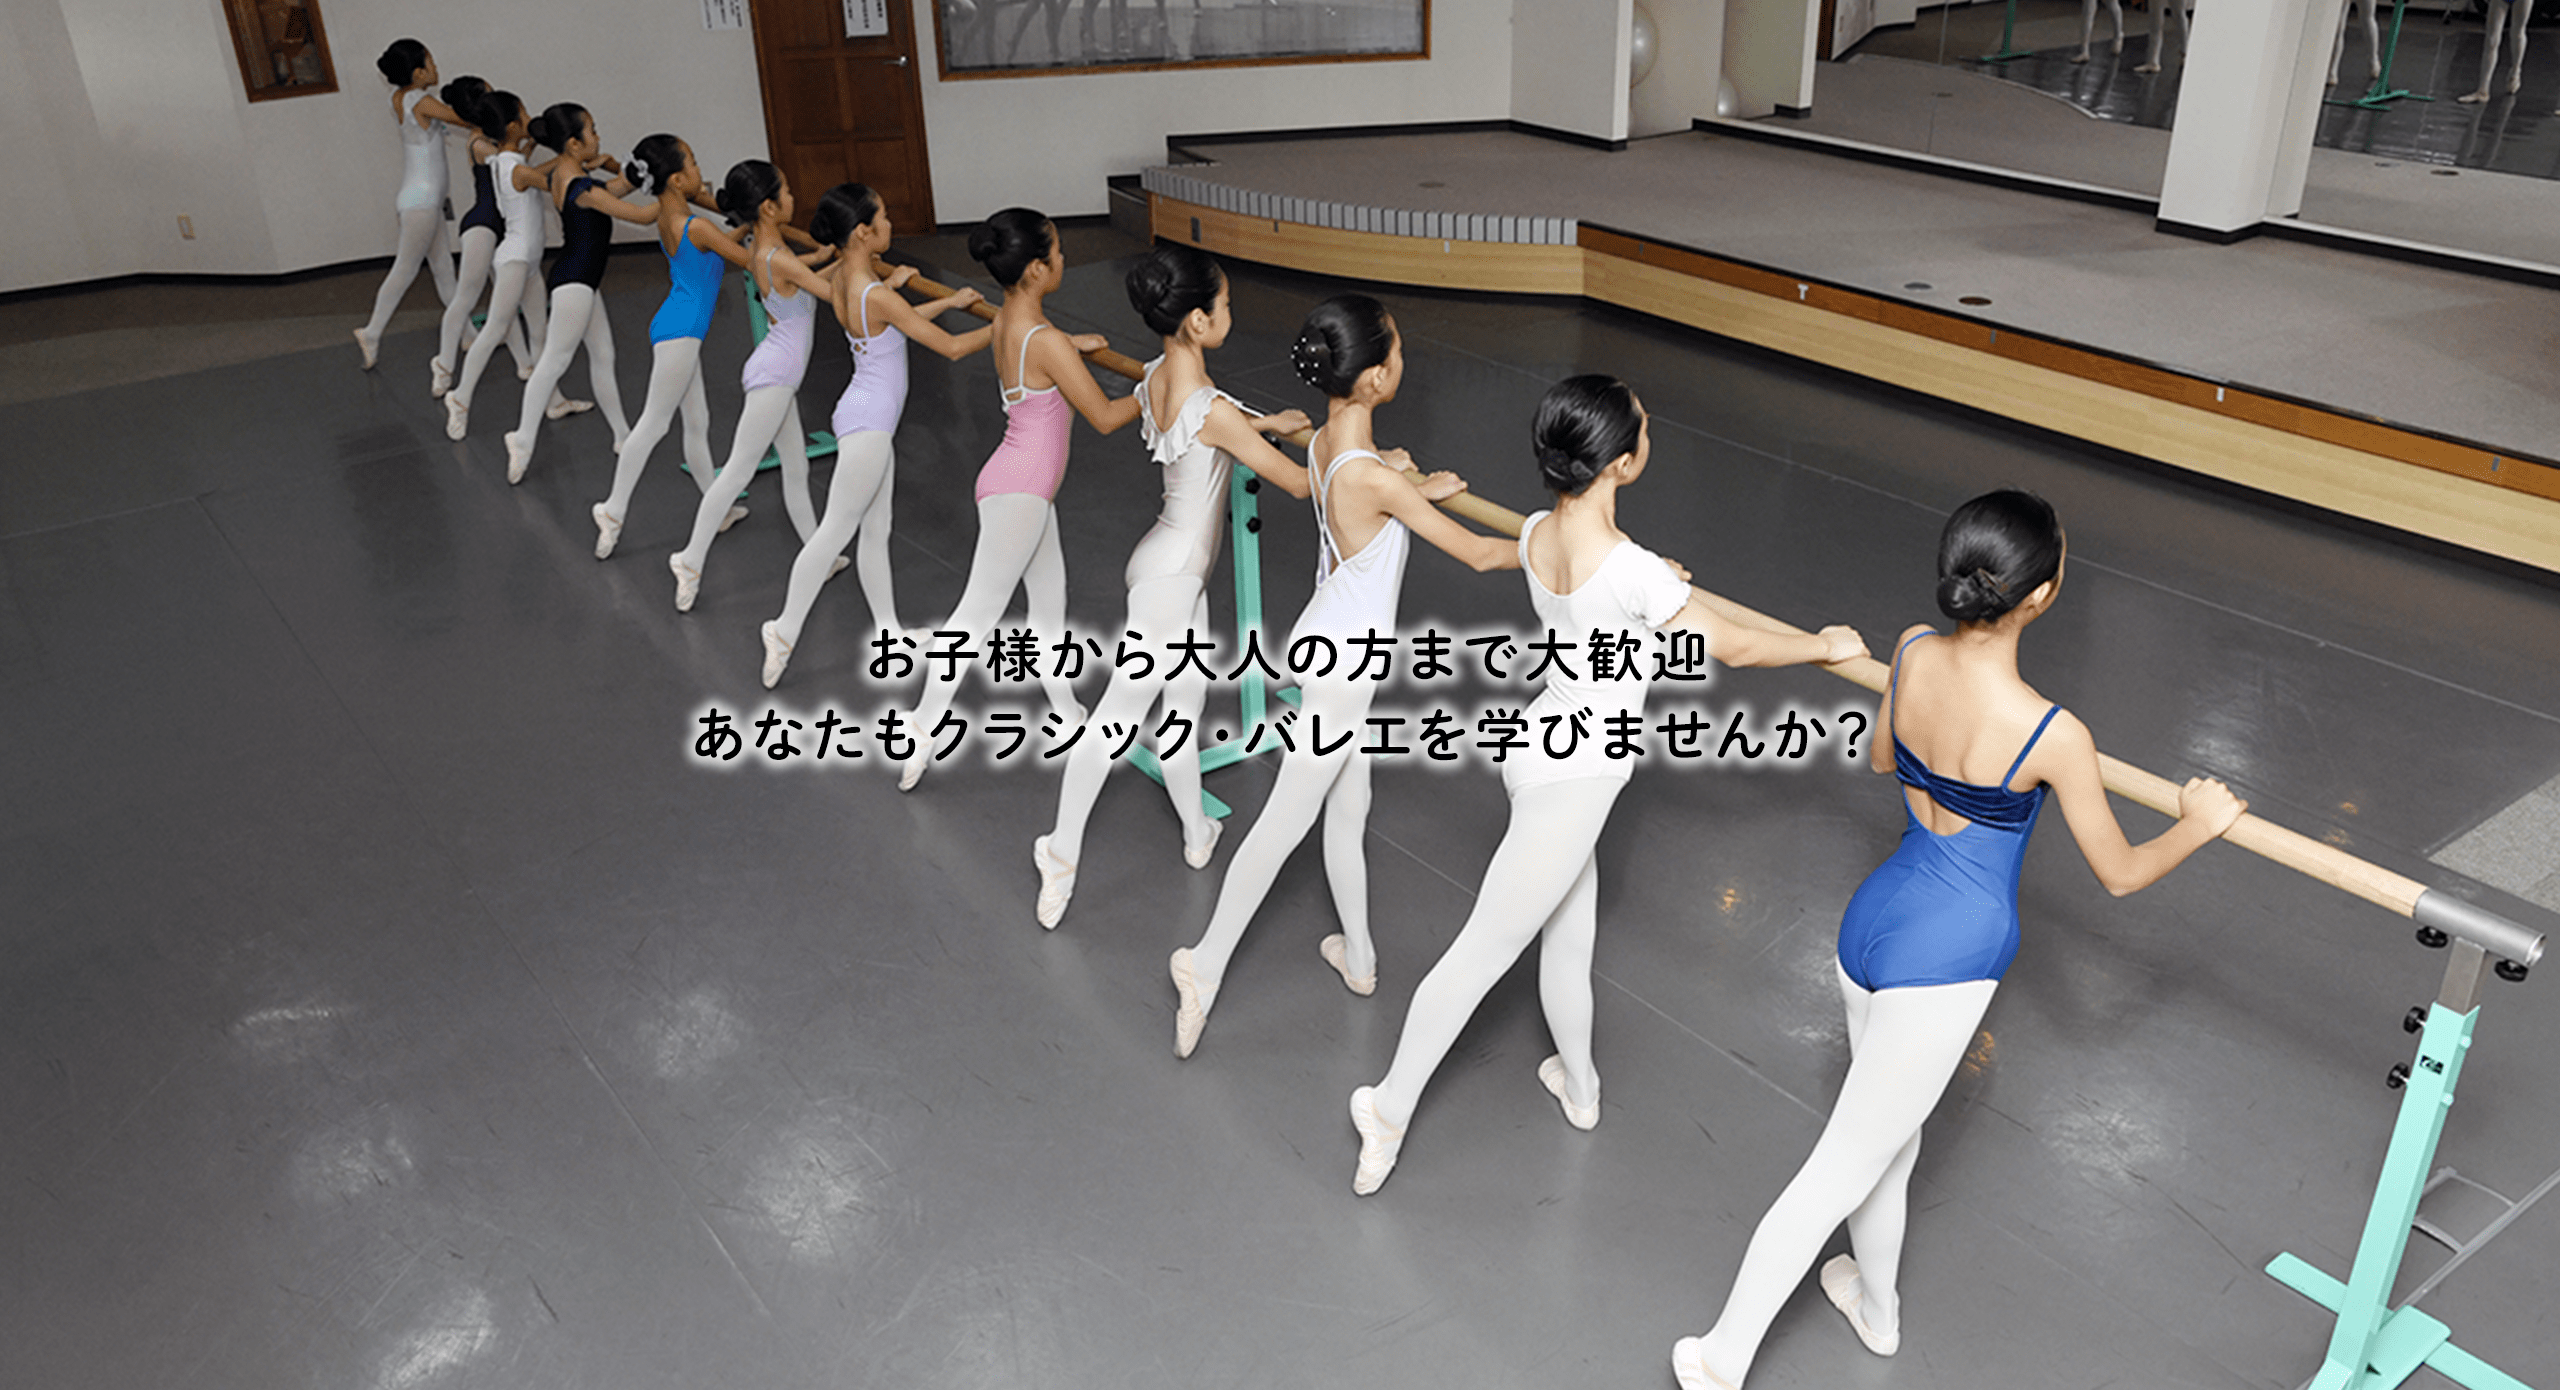 フォワイエバレエスタジオ